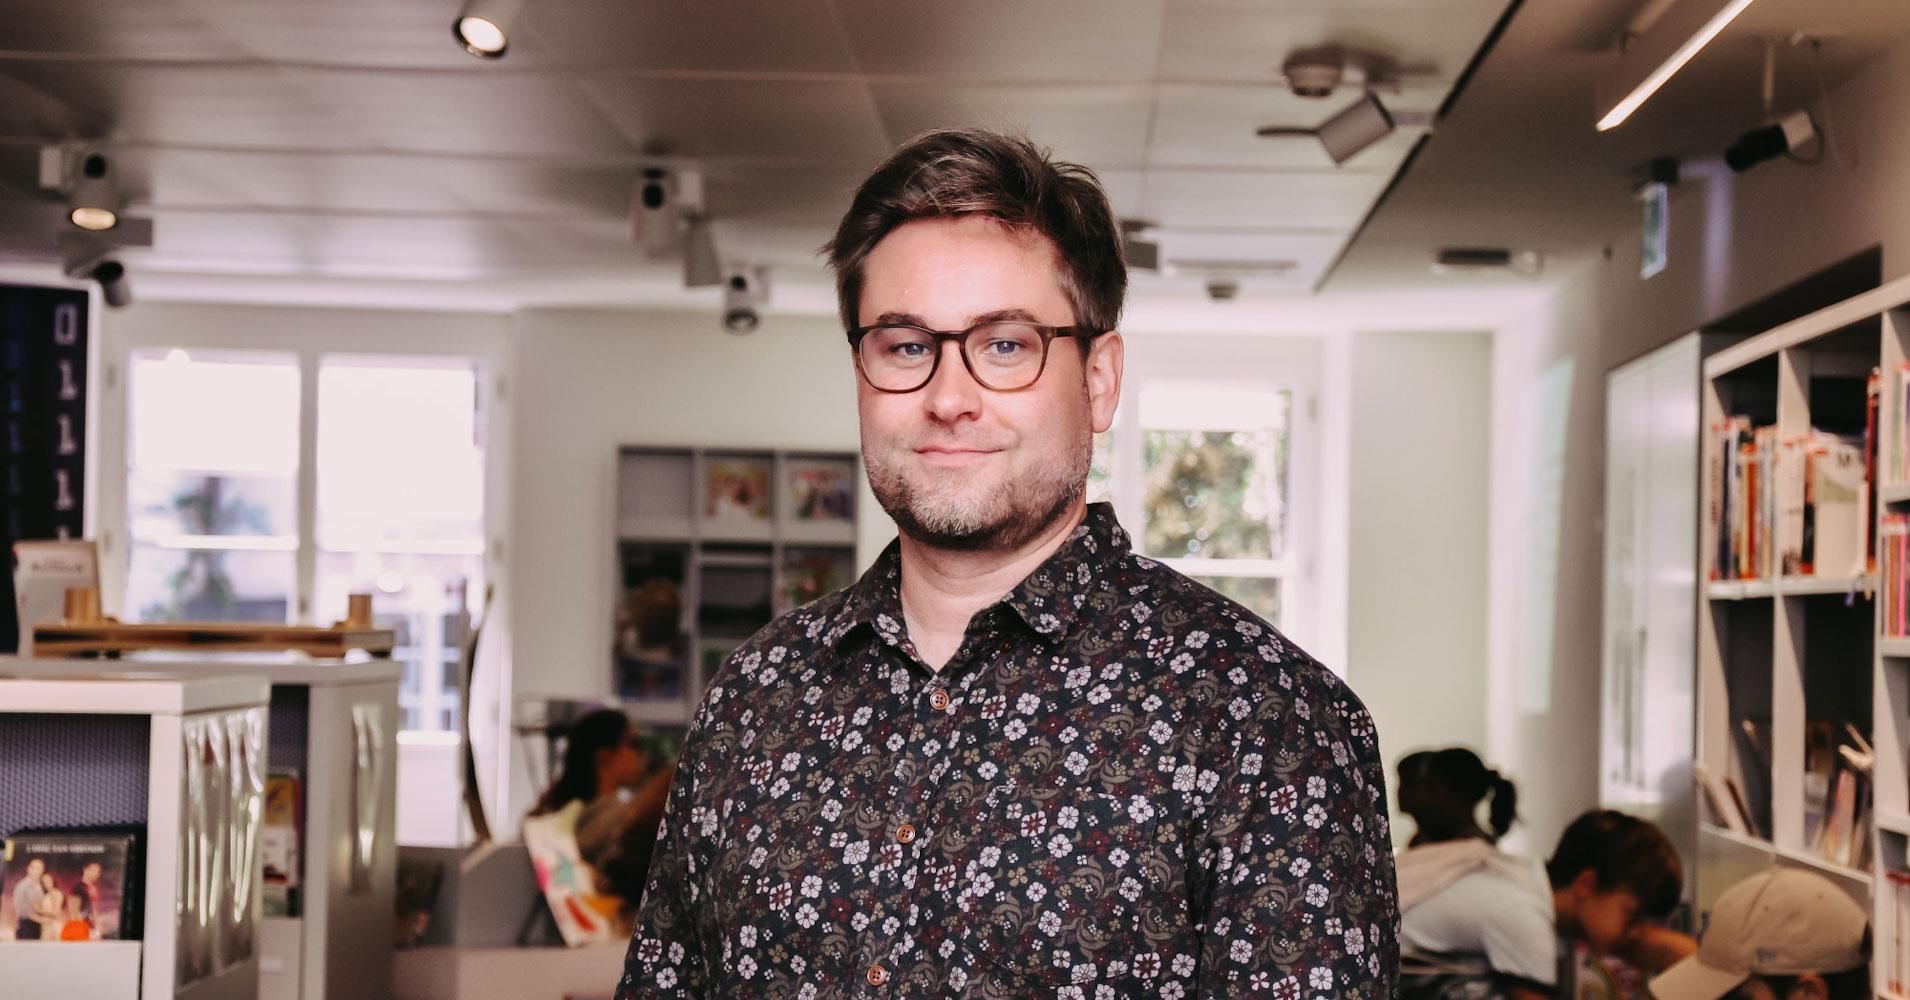 Simon Zimmermann ist Sozialpädagoge undAbsolvent des CAS Kommunizieren und handeln im interkulturellen Kontext